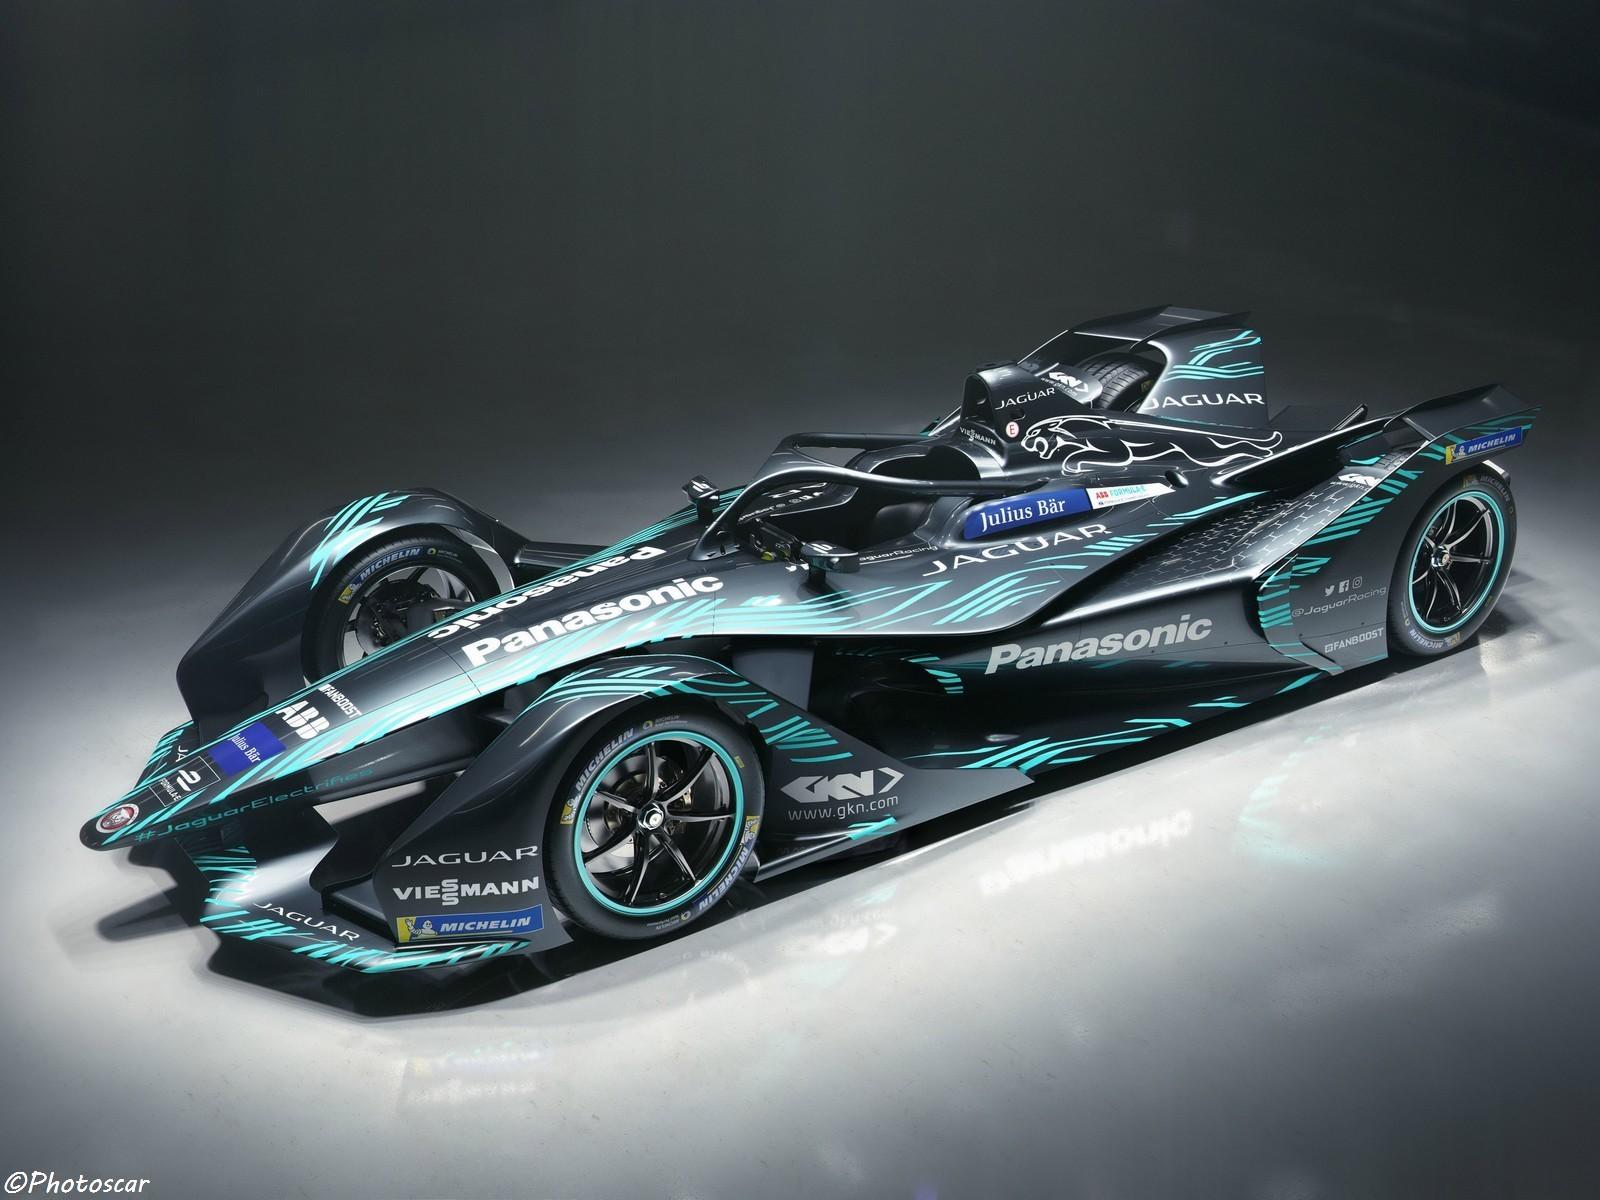 Jaguar dévoile l'I-Type 3 pour la saison 2018/19 de formule E